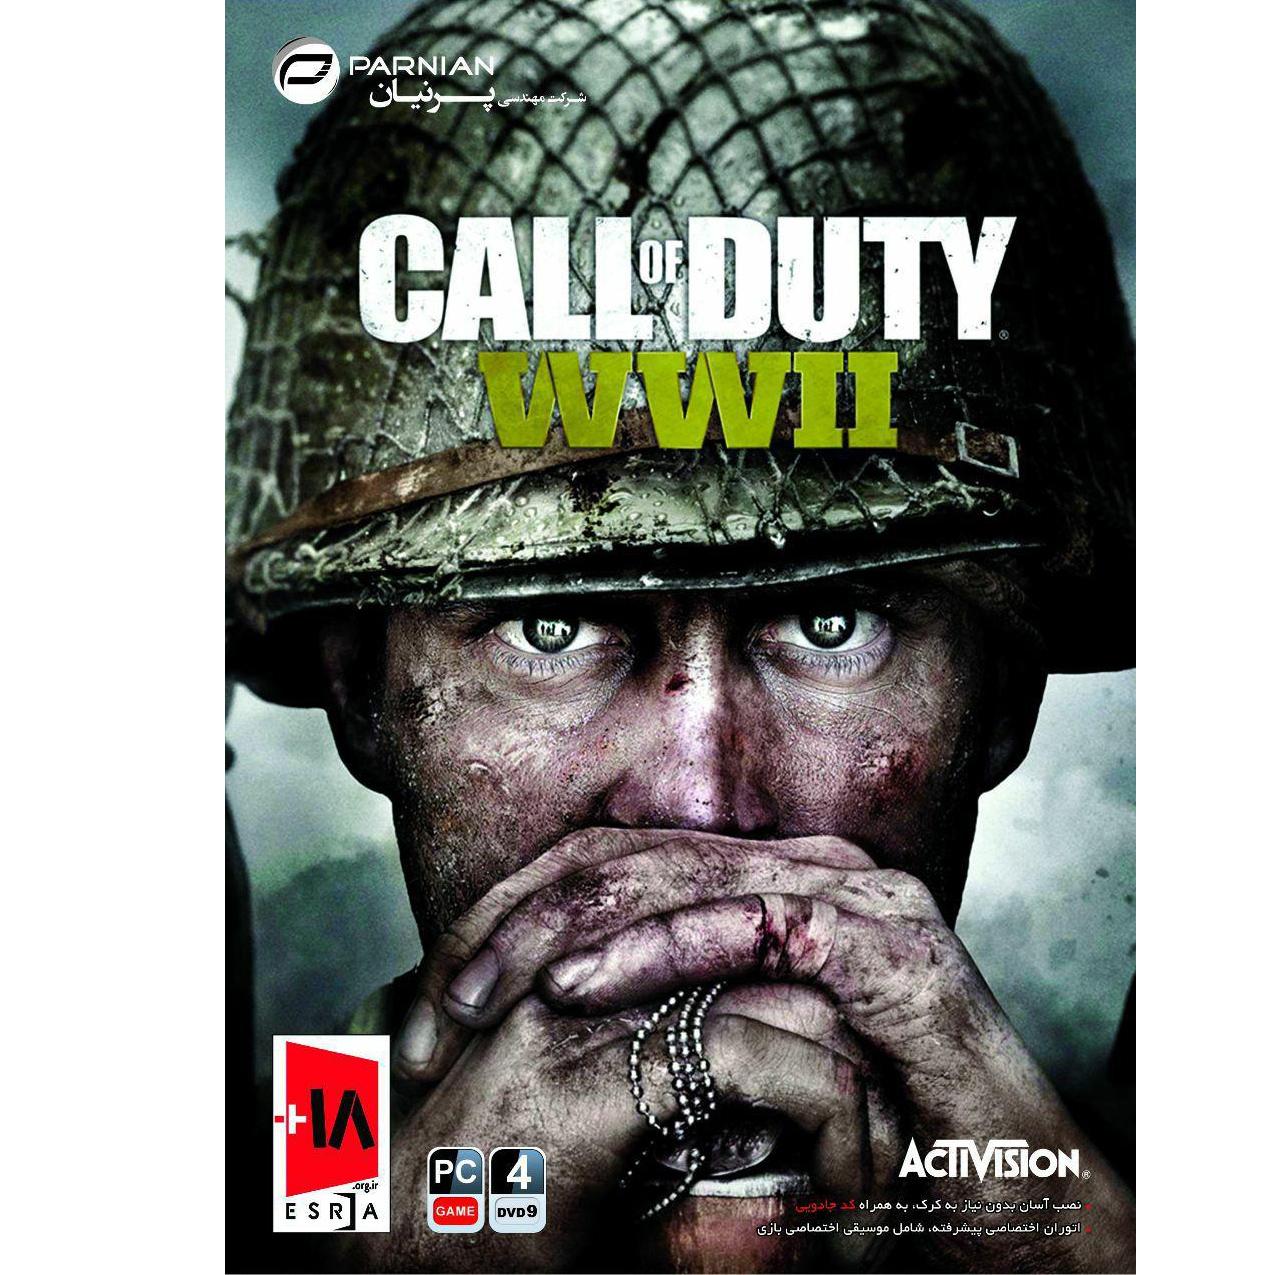 بازی کامپیوتری Call of Duty WWII نشر پرنیان